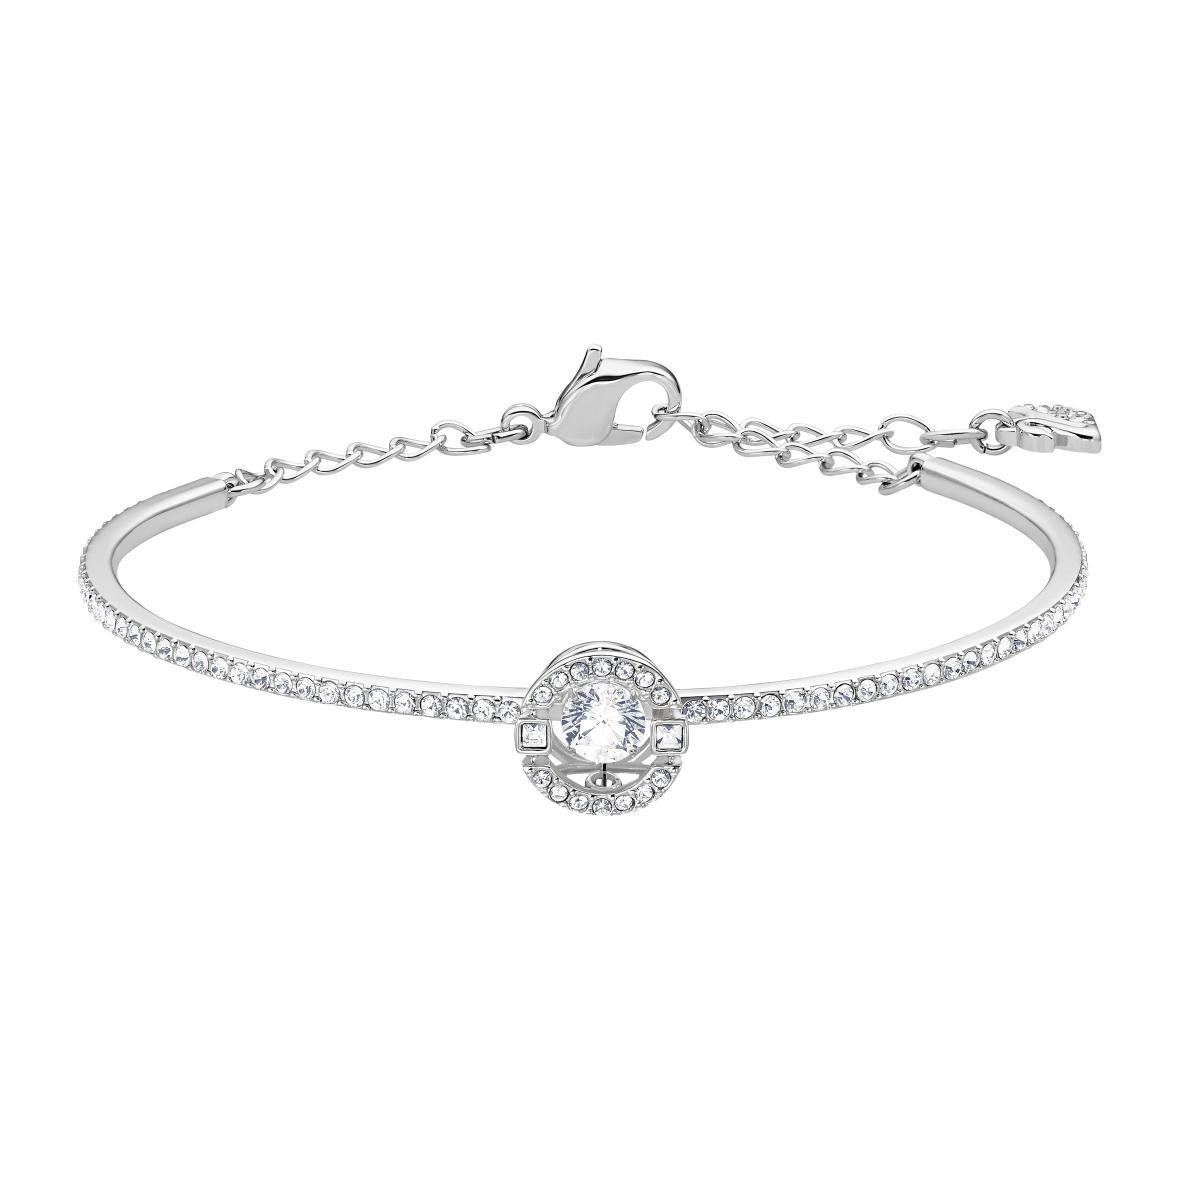 bracelet femme swarovski en argent